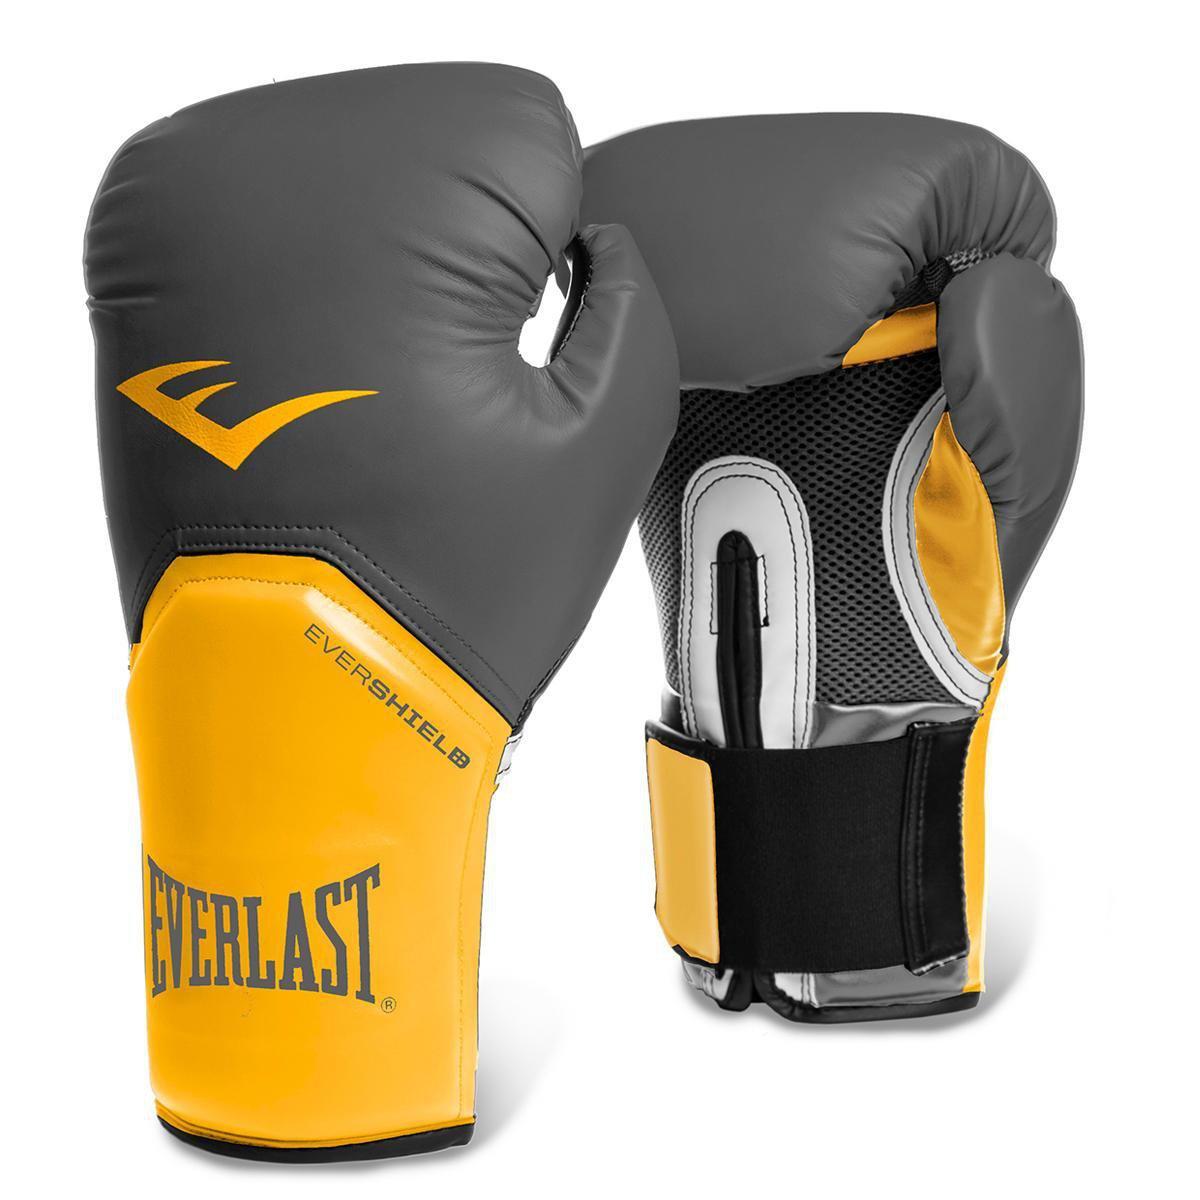 Luva de Boxe Everlast Pro Style Elite 14oz 7749b3e43a5c8